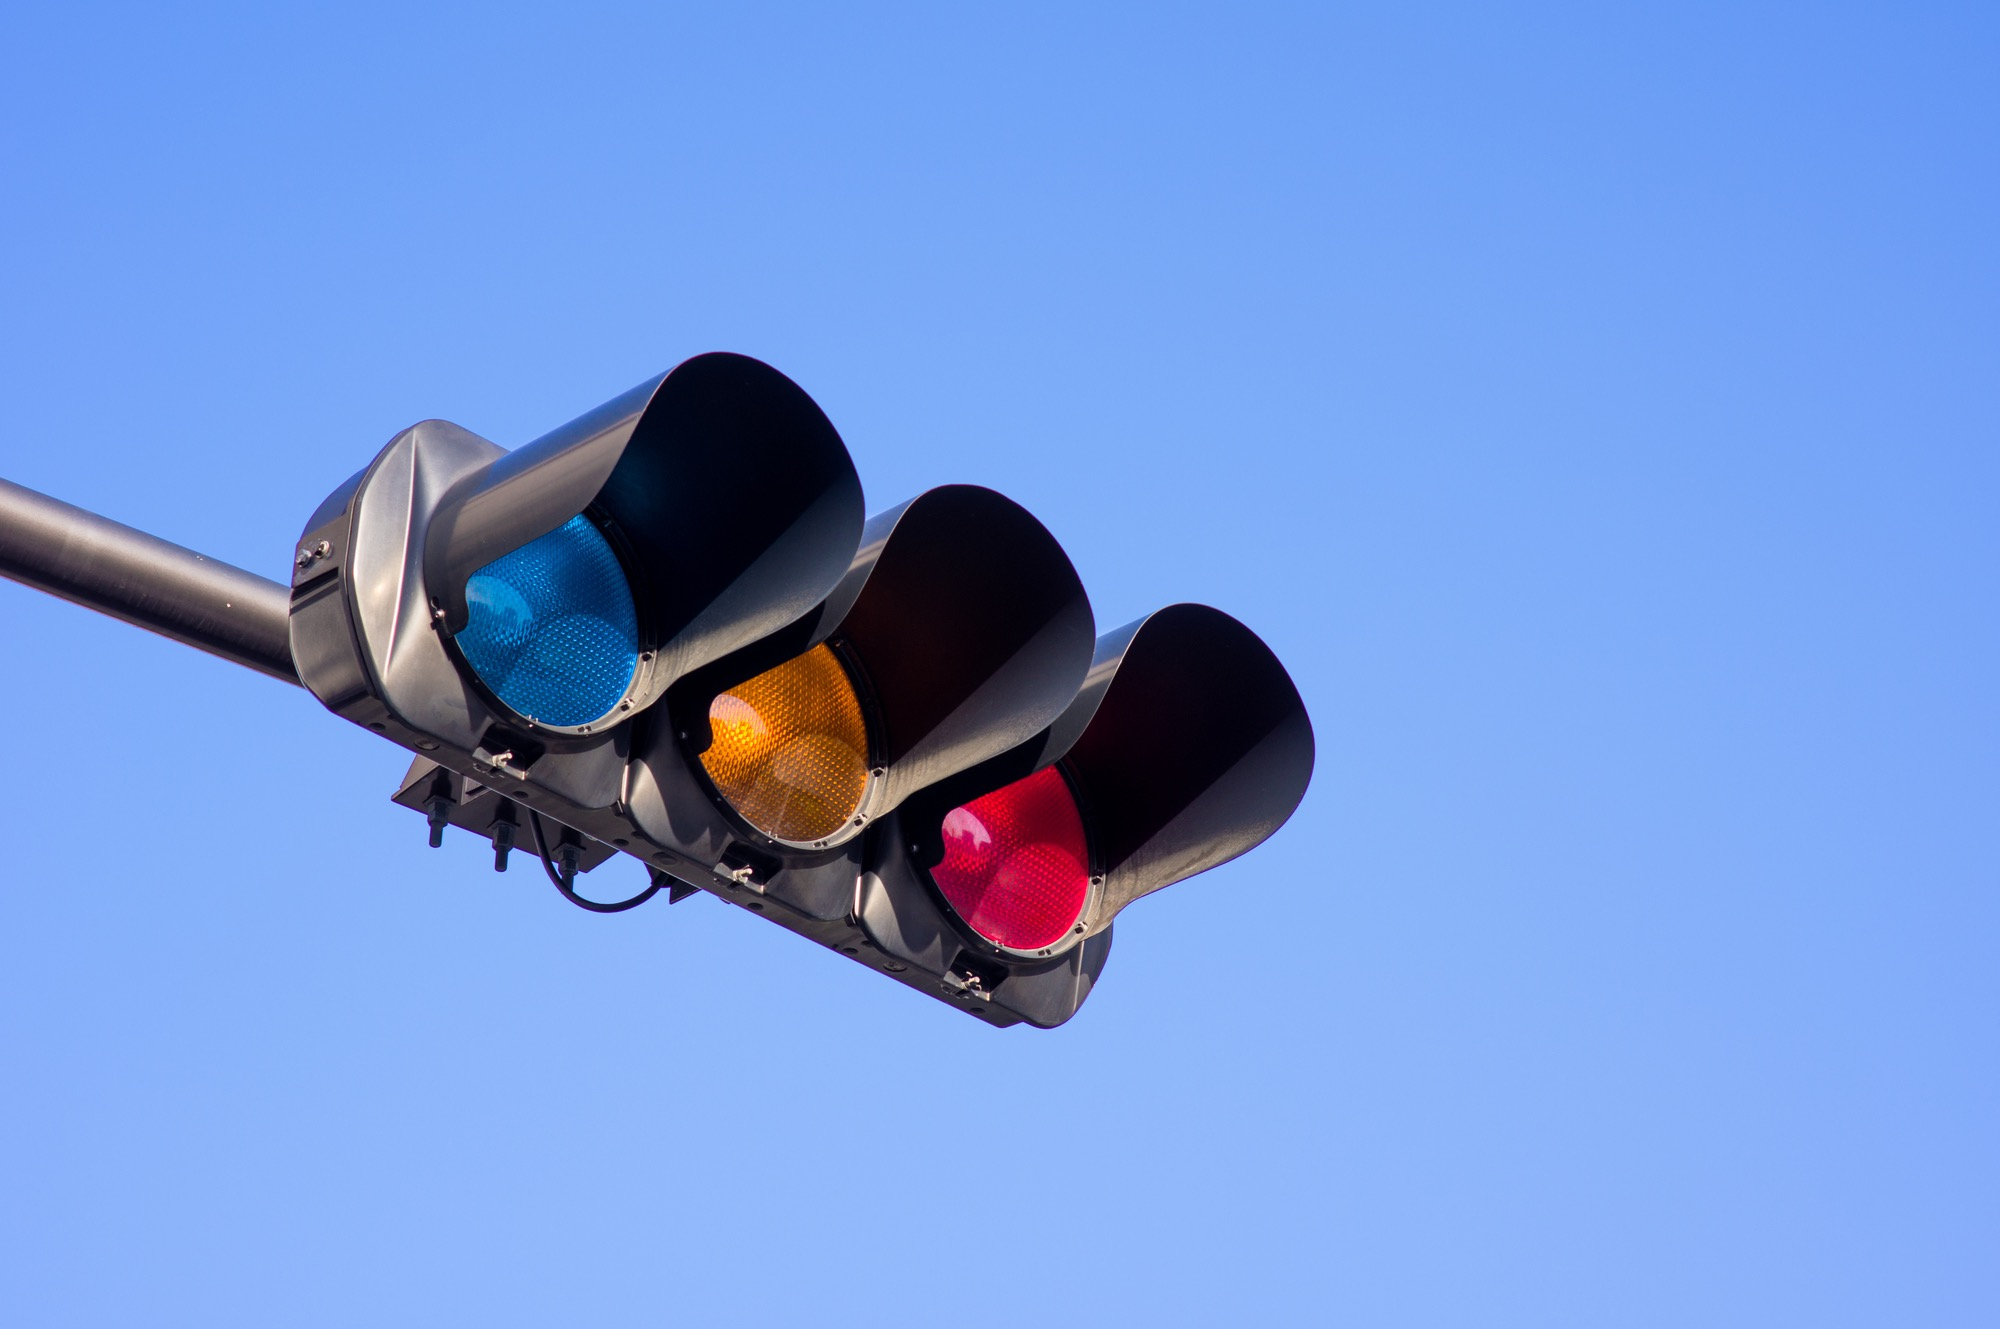 信号の色が「赤青黄」になったワケ/身のまわりのモノの技術(9)【連載】